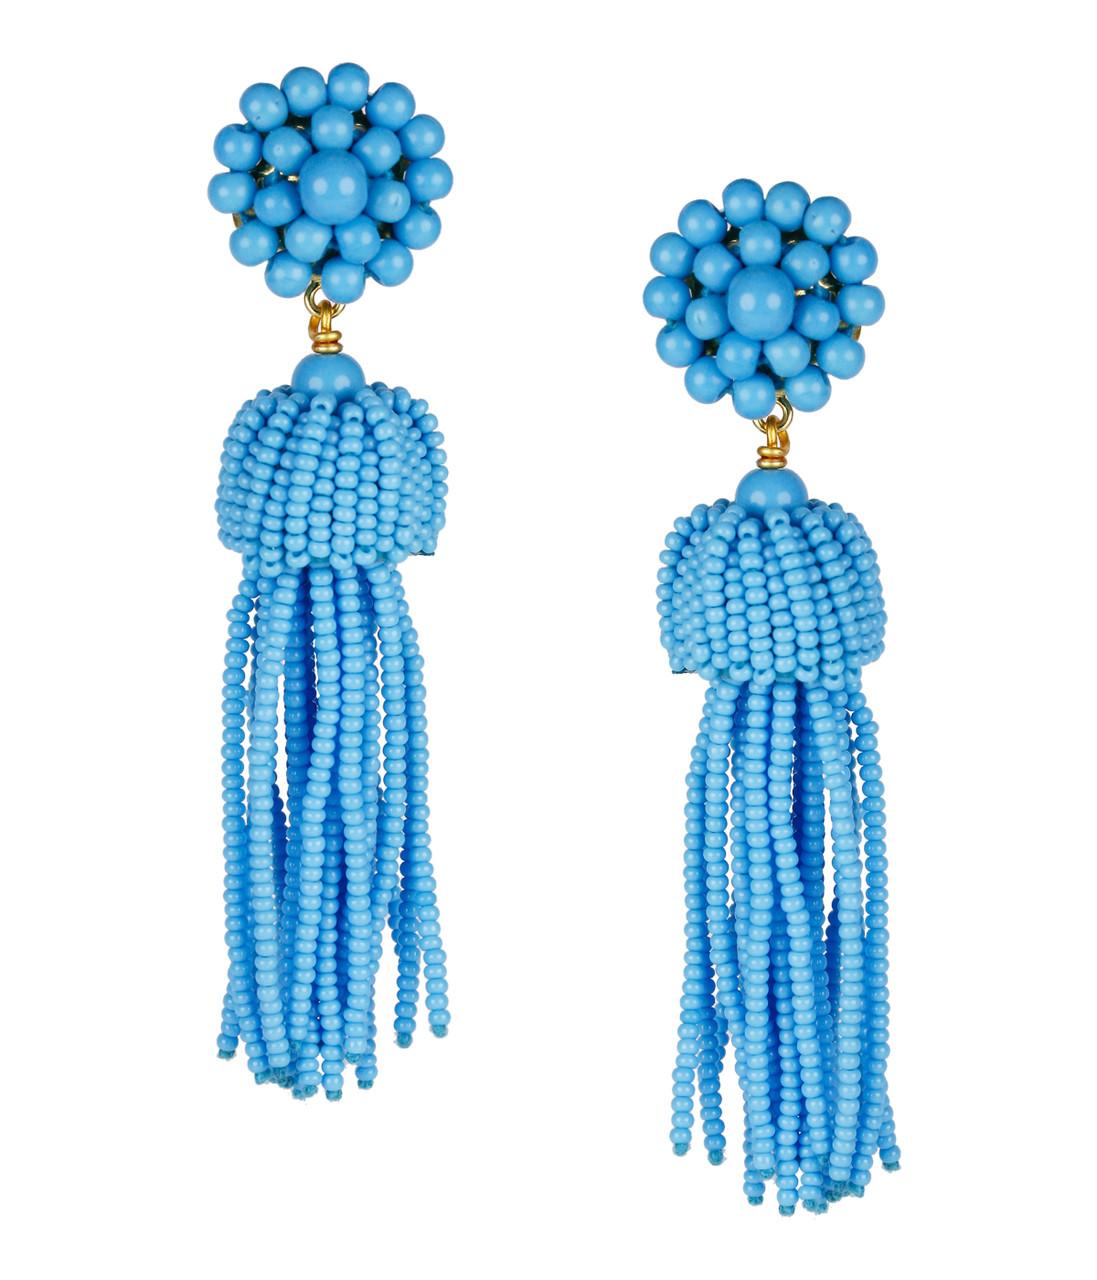 7c00de958 Tassel Earrings - Turquoise - Lisi Lerch